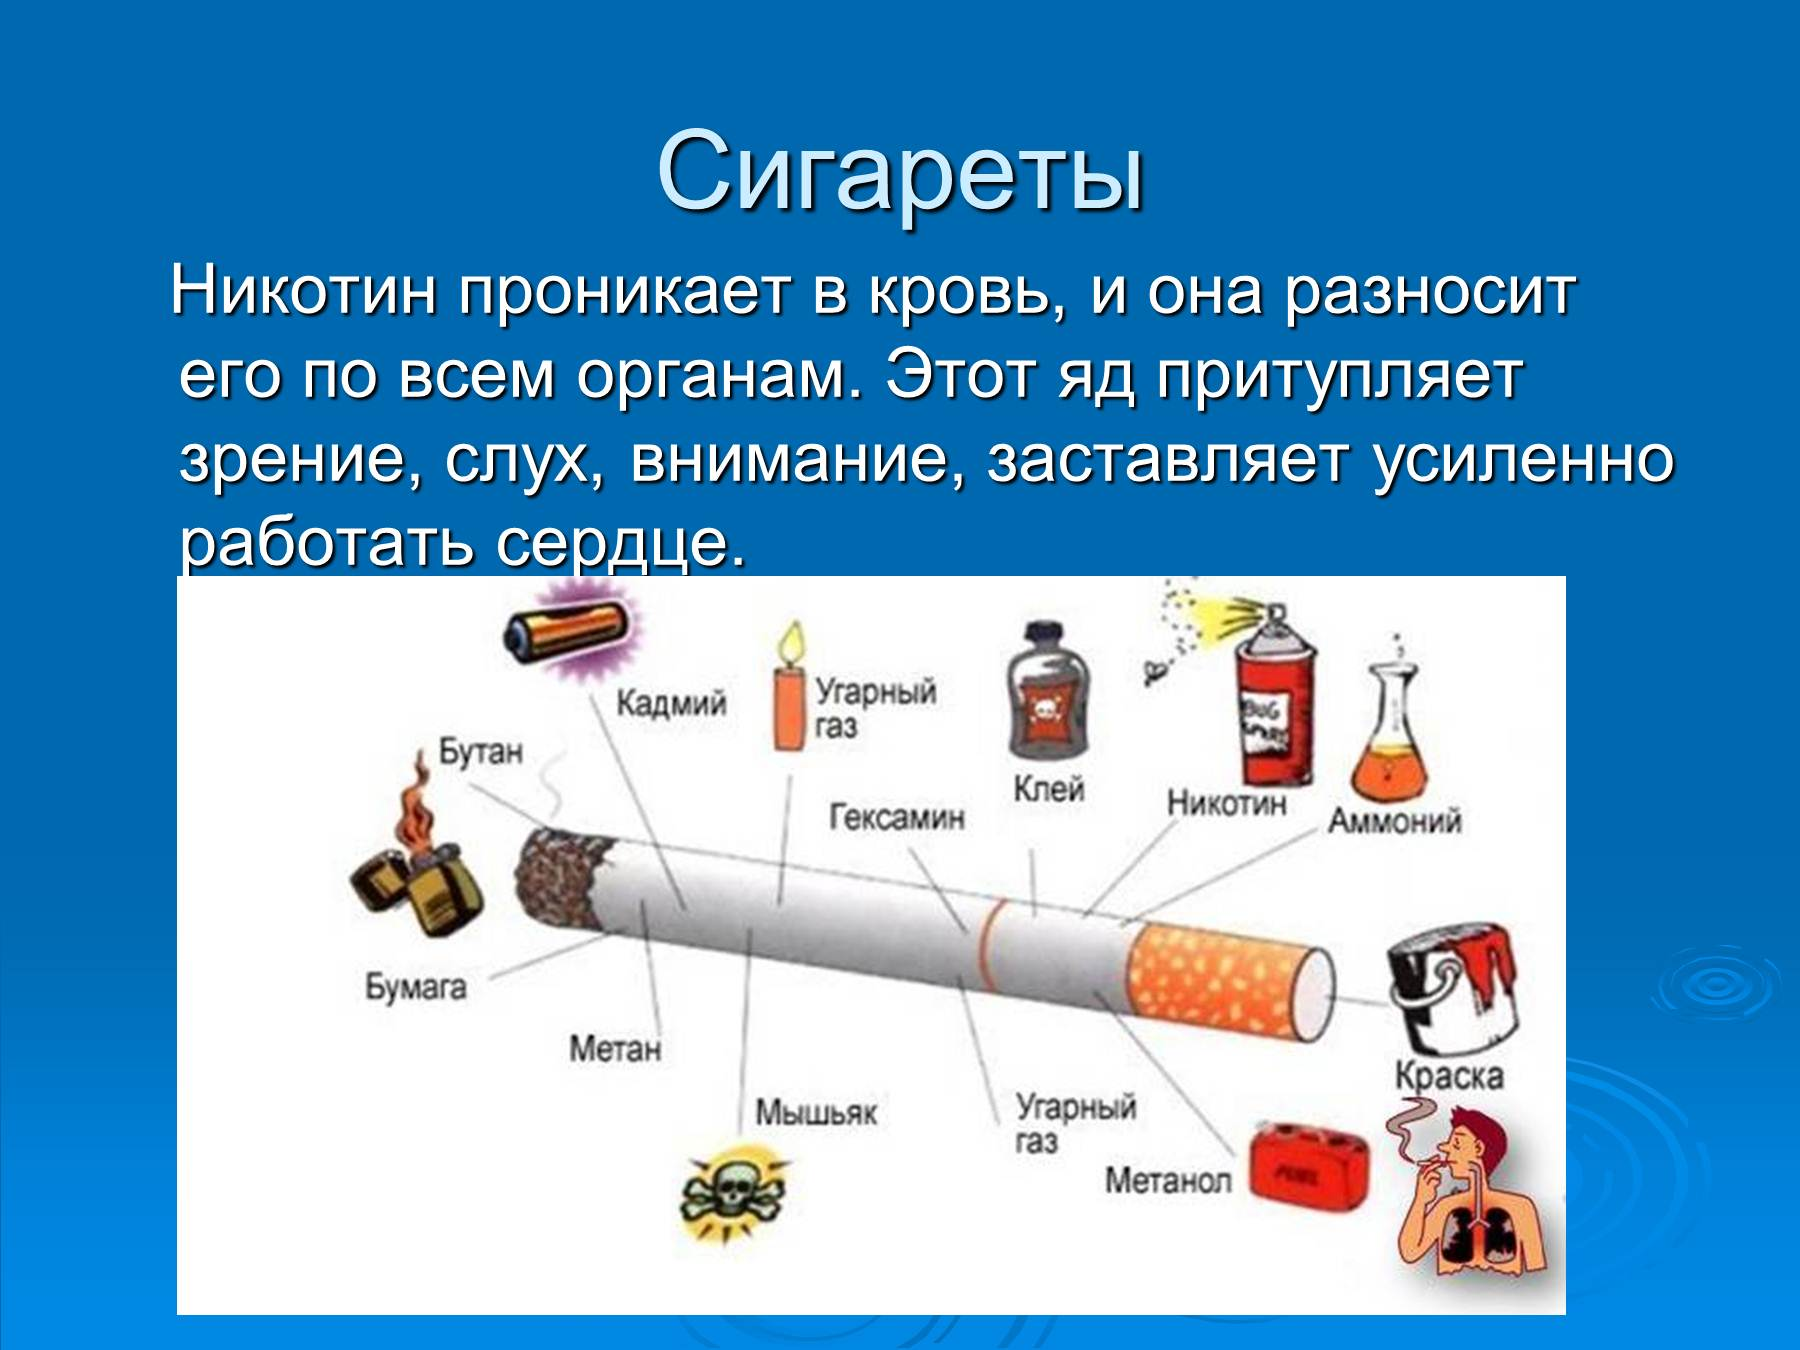 преподаватели информация о вреде курения с картинками зудневая чесотка